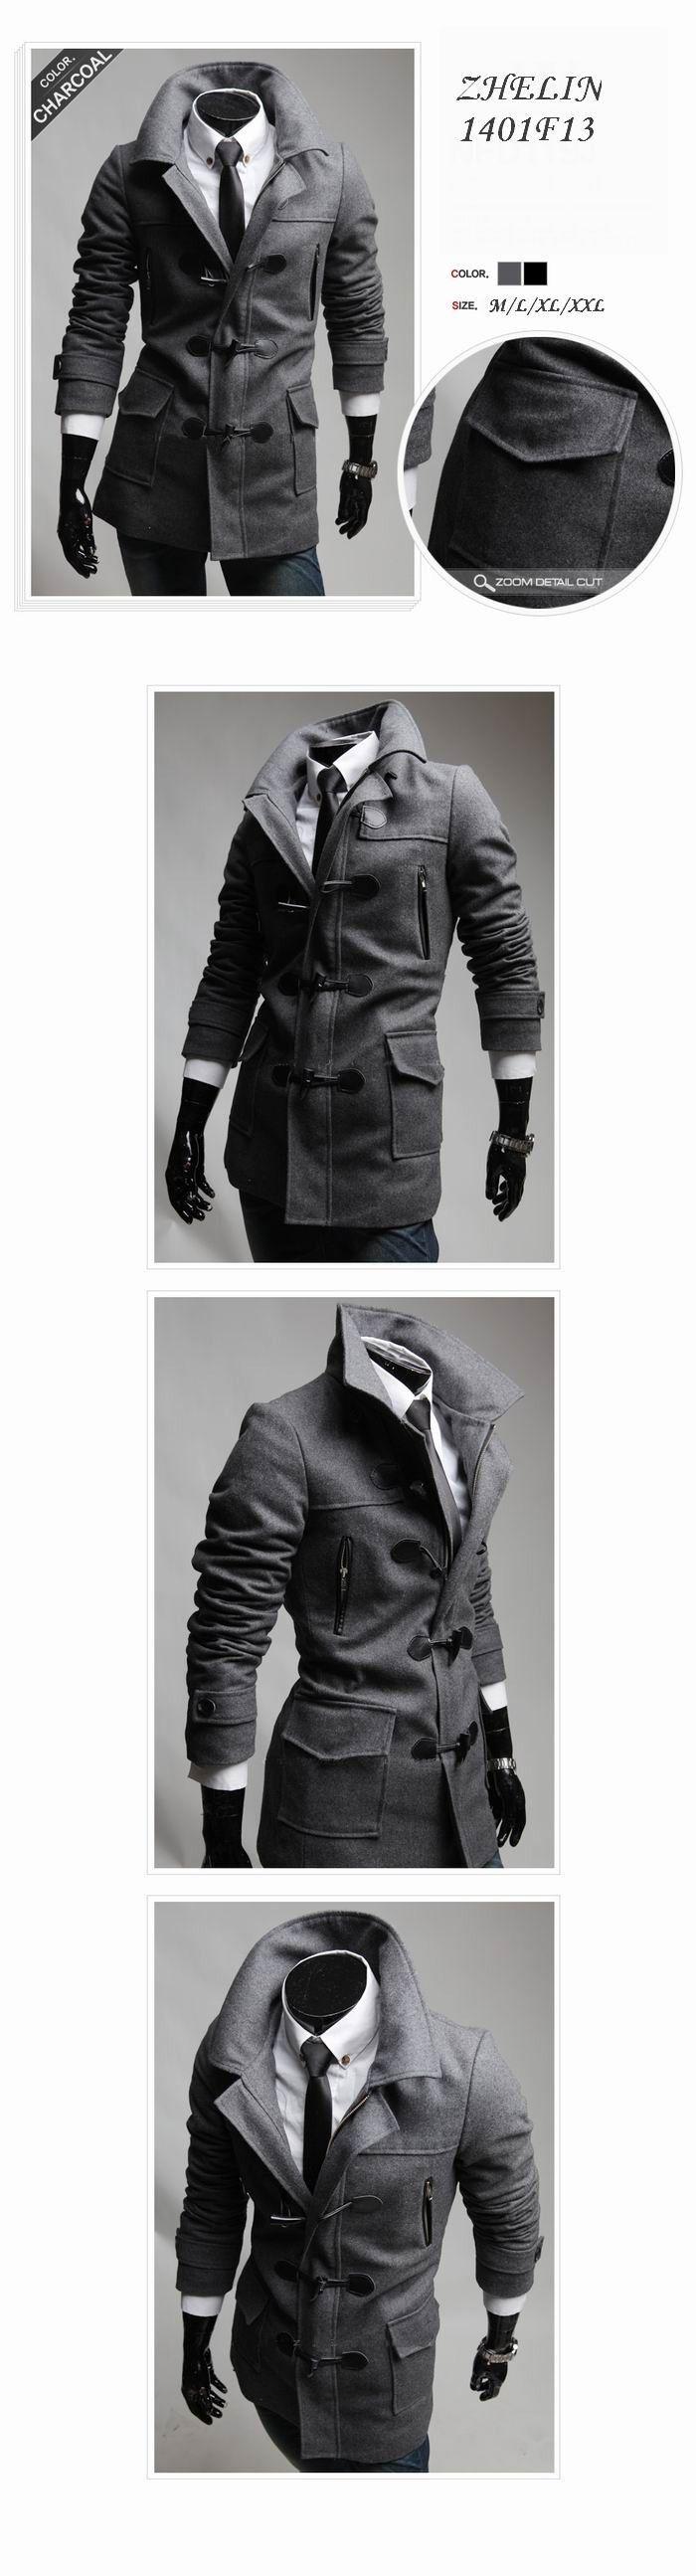 Moda Stylish Men casacos 2015 dos homens de lã masculino trincheira casacos de inverno casaco de lã botão da buzina casaco de lã casacos M XXL em Lã e Mesclas de Roupas e Acessórios Masculinos no AliExpress.com   Alibaba Group